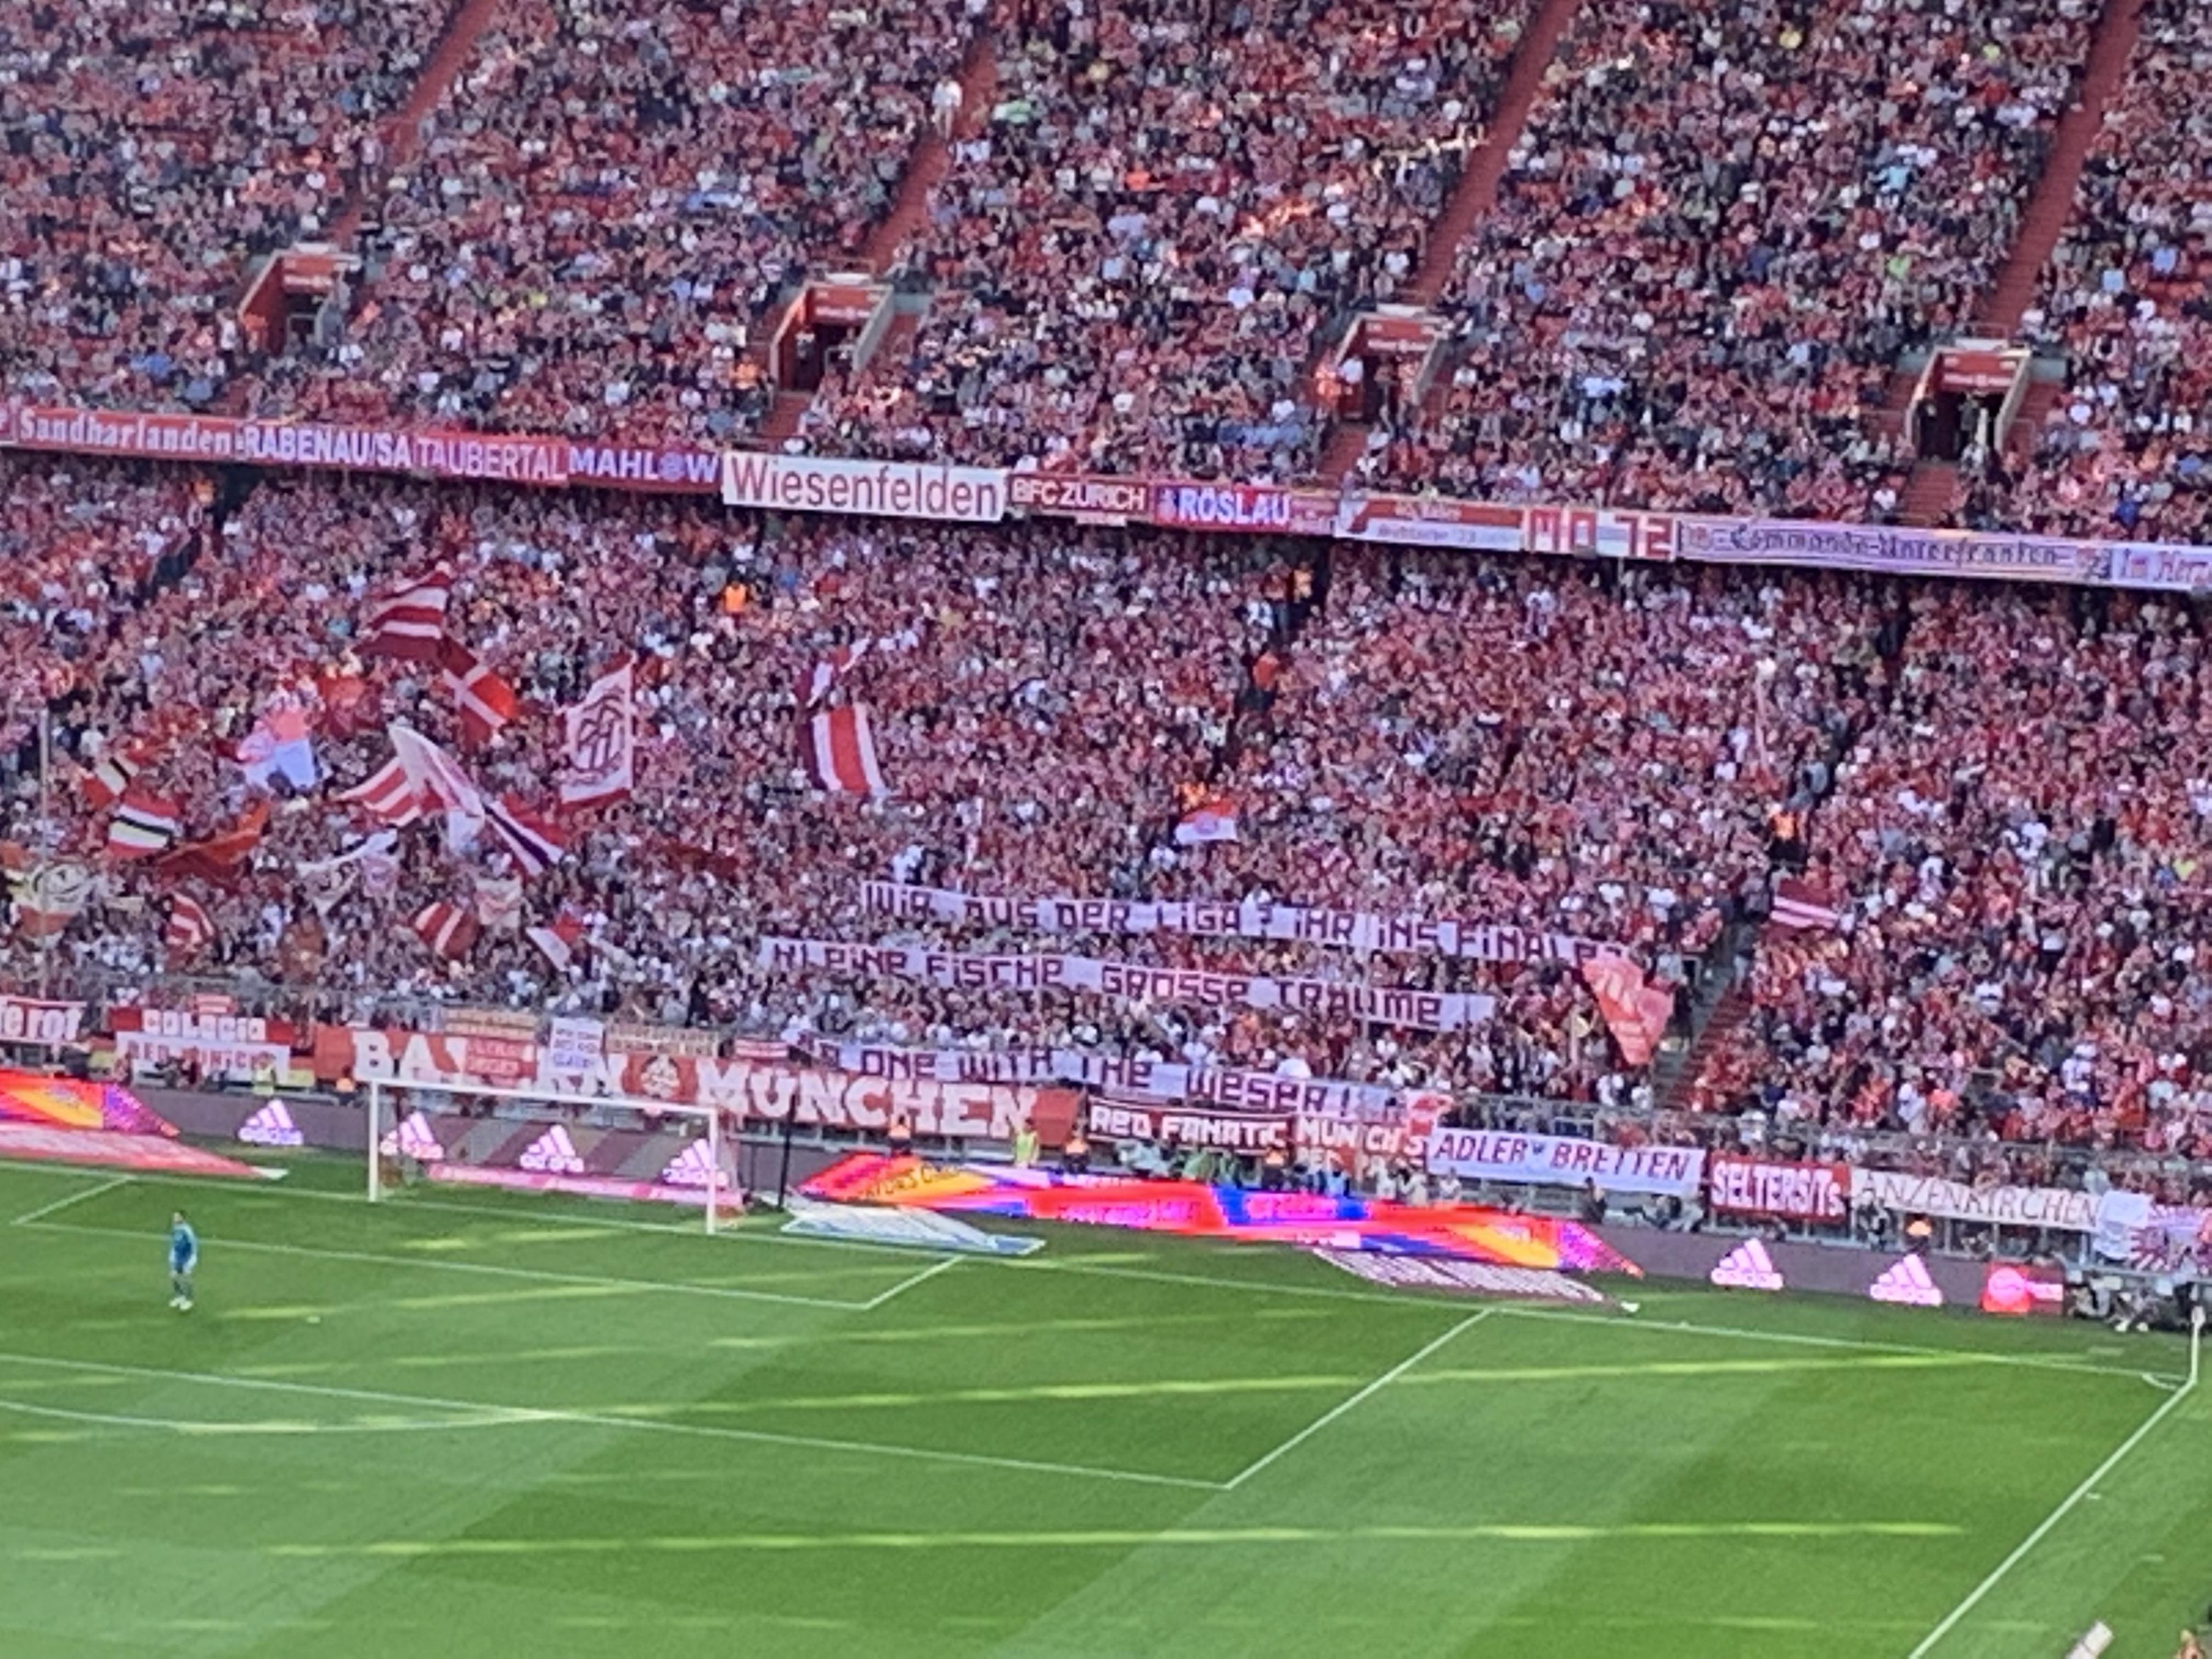 Ein Banner mit einer Aufschrift der Bayern Fans